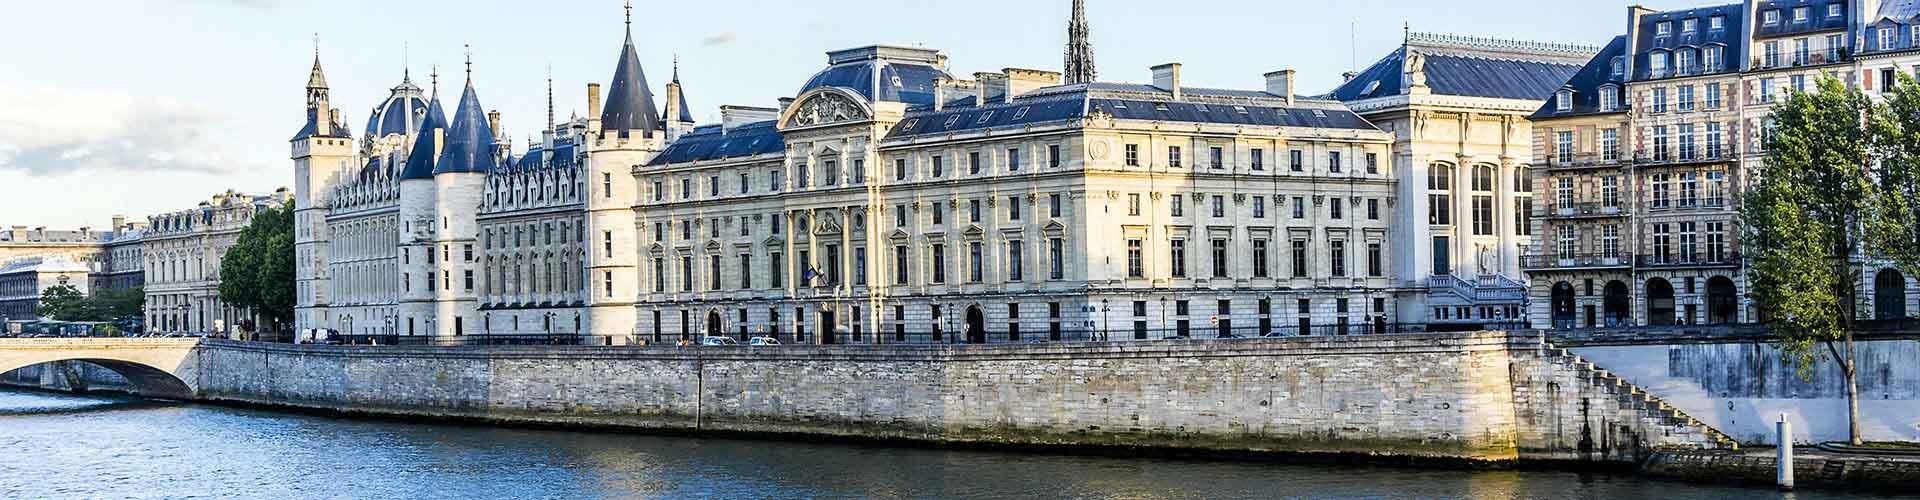 Paříž - Hostelů v blízkosti Conciergerie. Mapy pro Paříž, fotky a recenze pro každý hostel v Paříž.